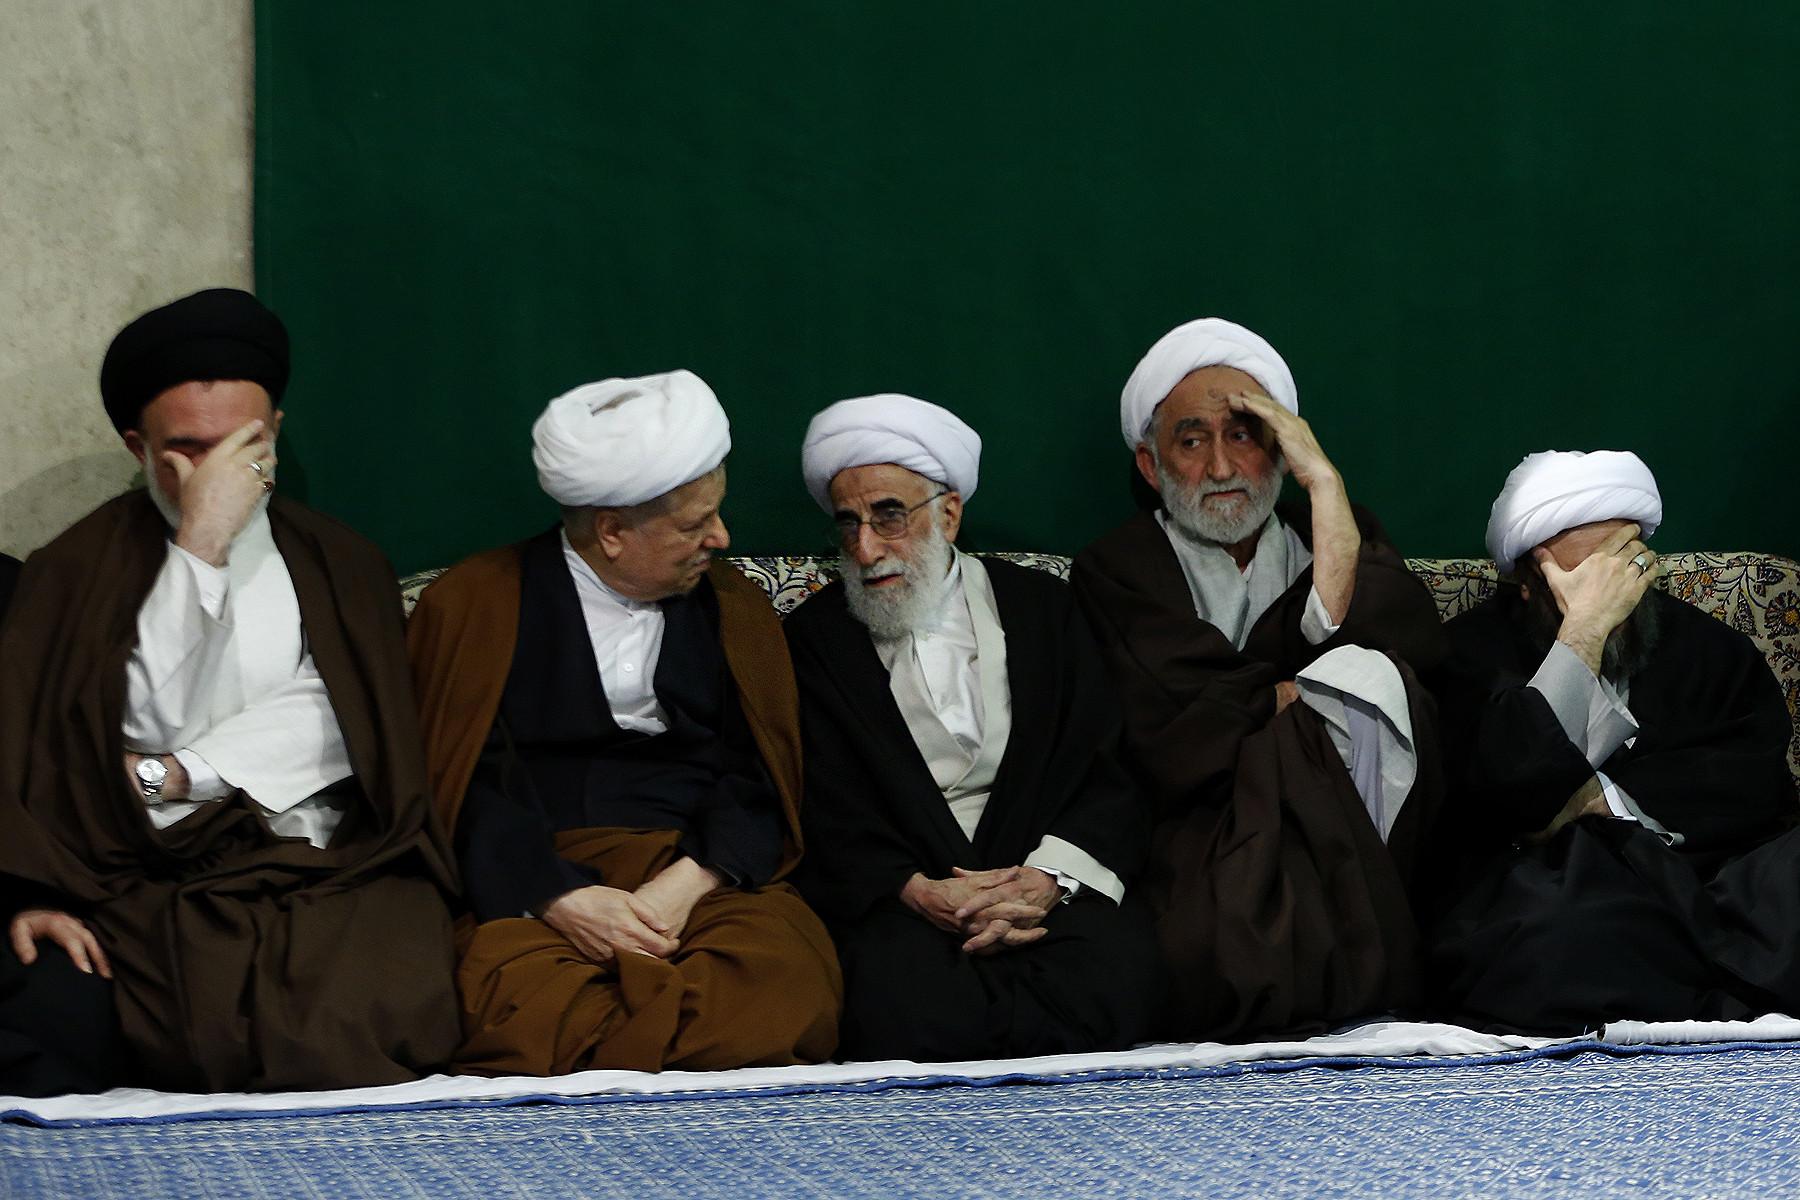 انتخابات و جنگ سرد آخوند های حکومتی، نوشته دکتر بهرام آبار